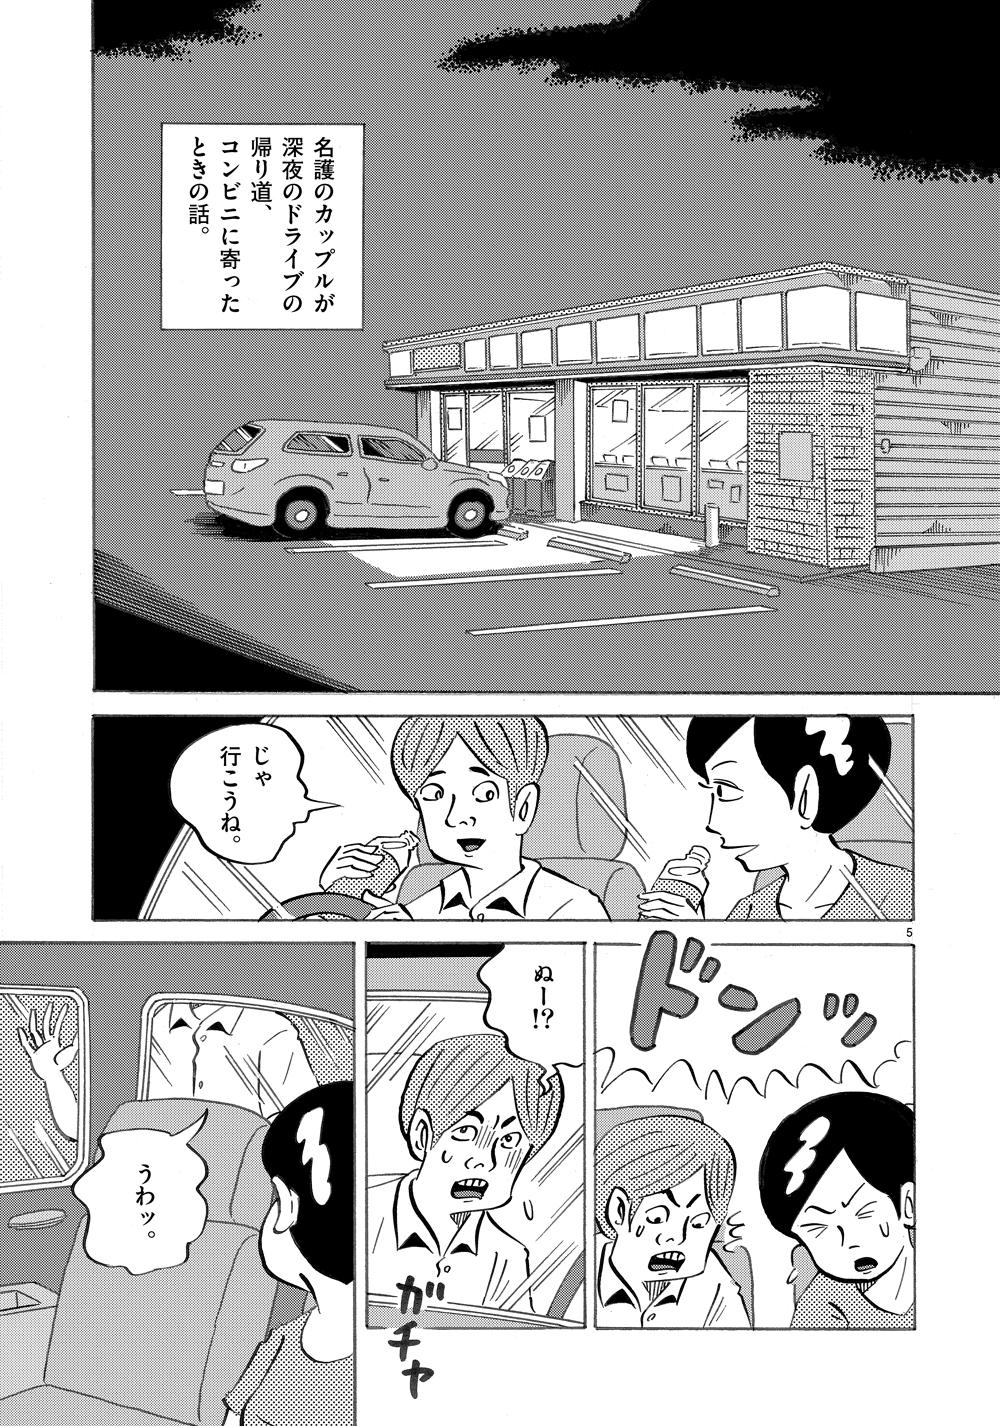 琉球怪談 【第8話】WEB掲載5ページ目画像